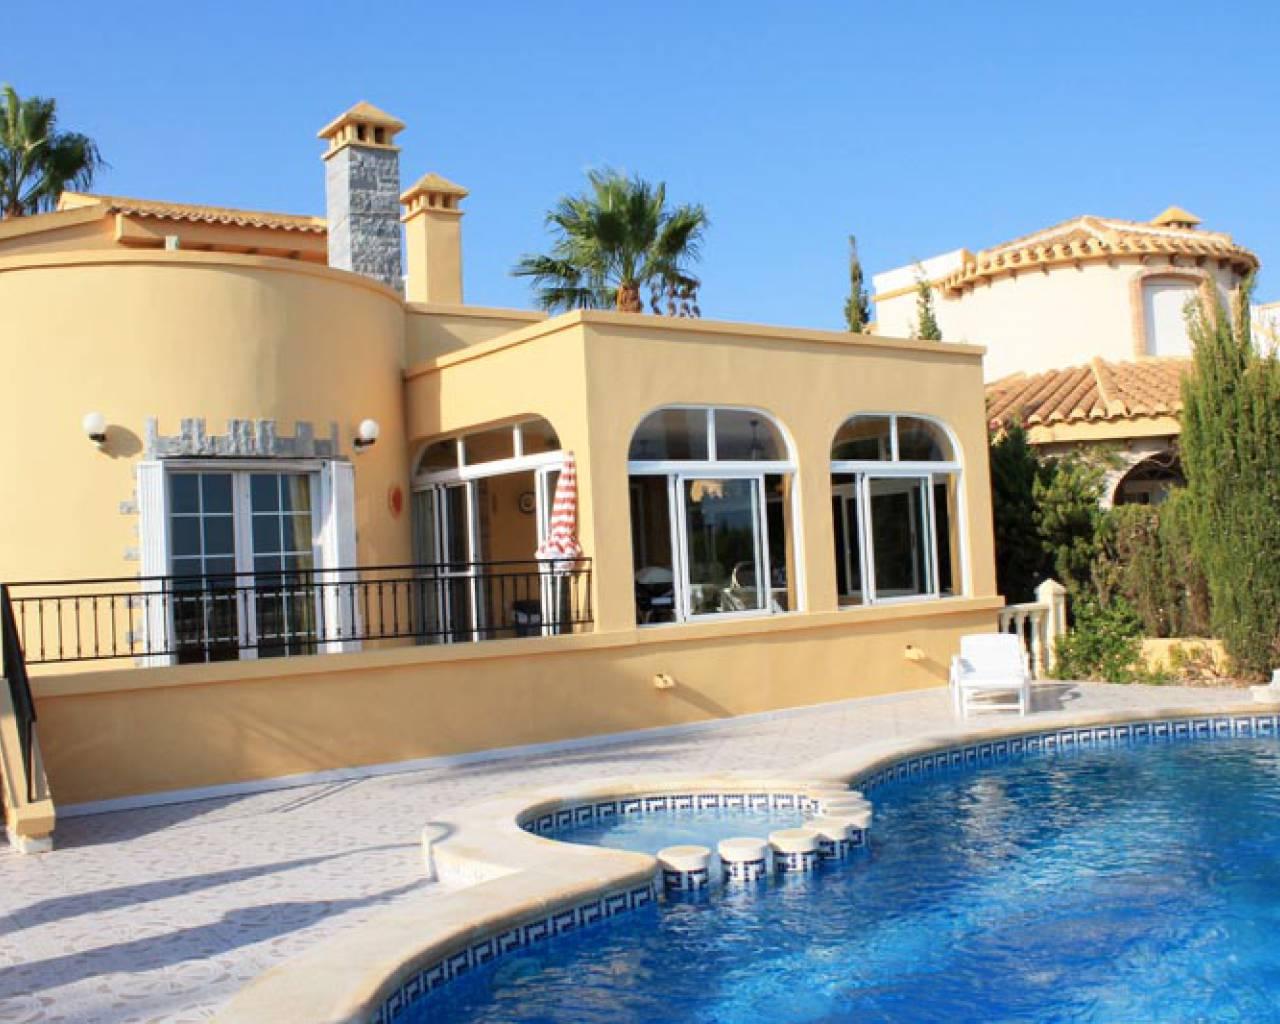 herverkoop-vrijstaande-villa-orihuela-costa-las-ramblas-golf_1323_xl